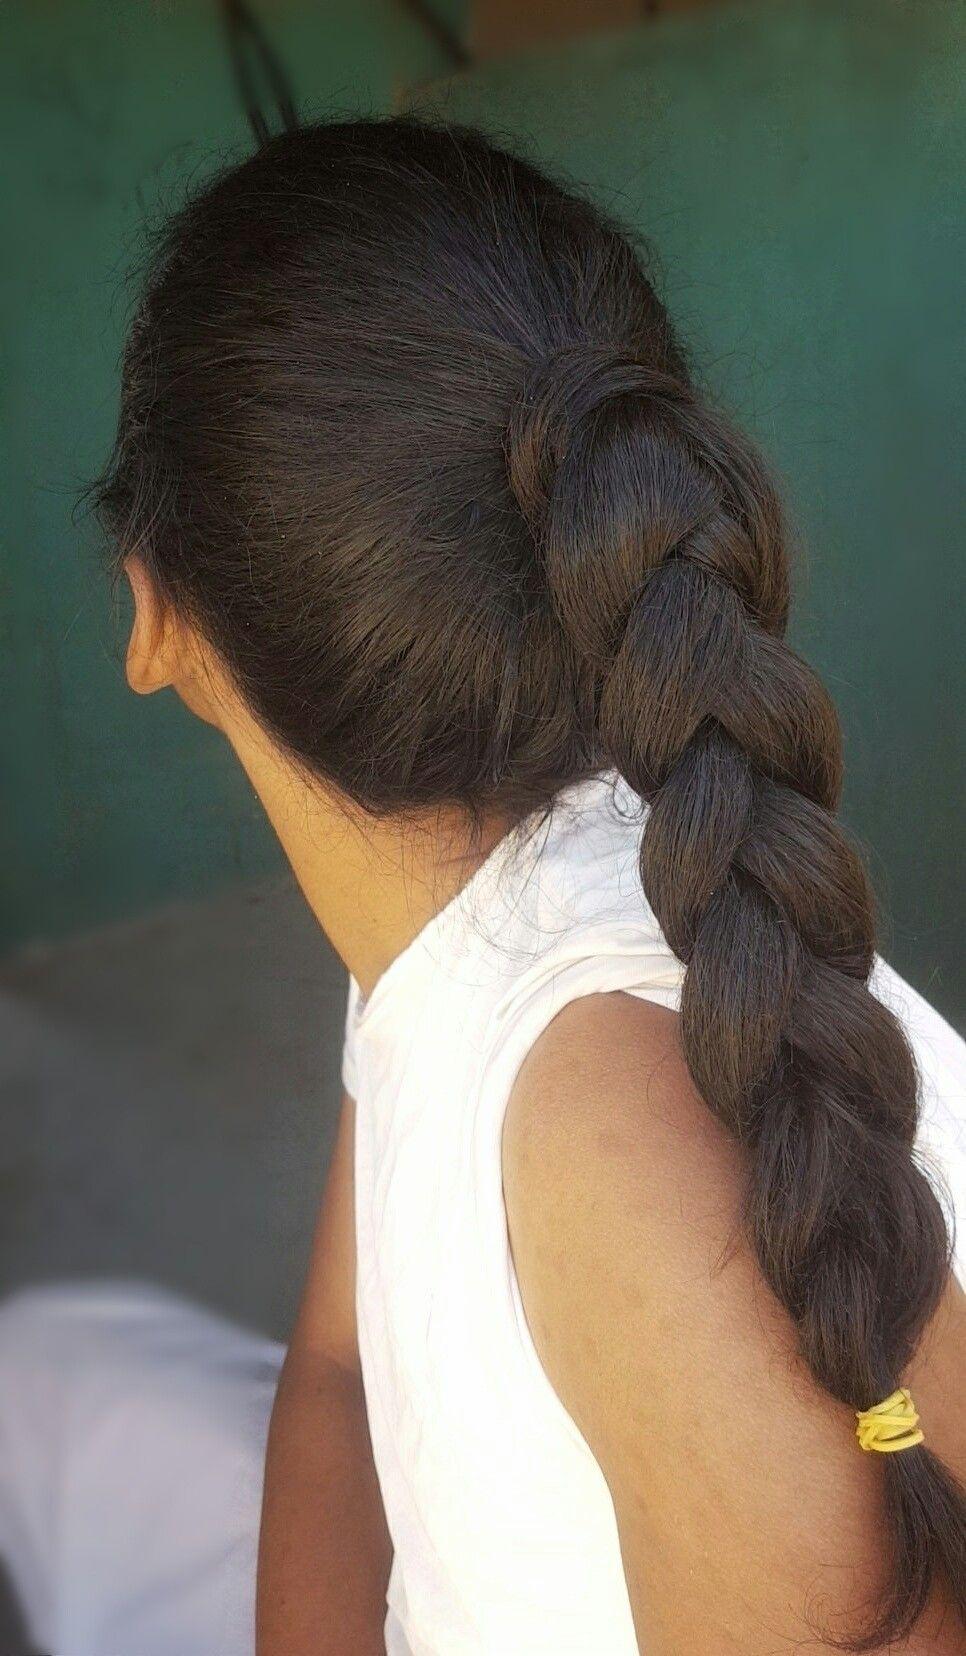 تسريحة الضفائر شعر مضفر جديلة شعر تسريحة ذيل الحصان المضفر Braided Hair Low Braids Braided Ponytail Hair Style St Long Braids Hair Styles Hair